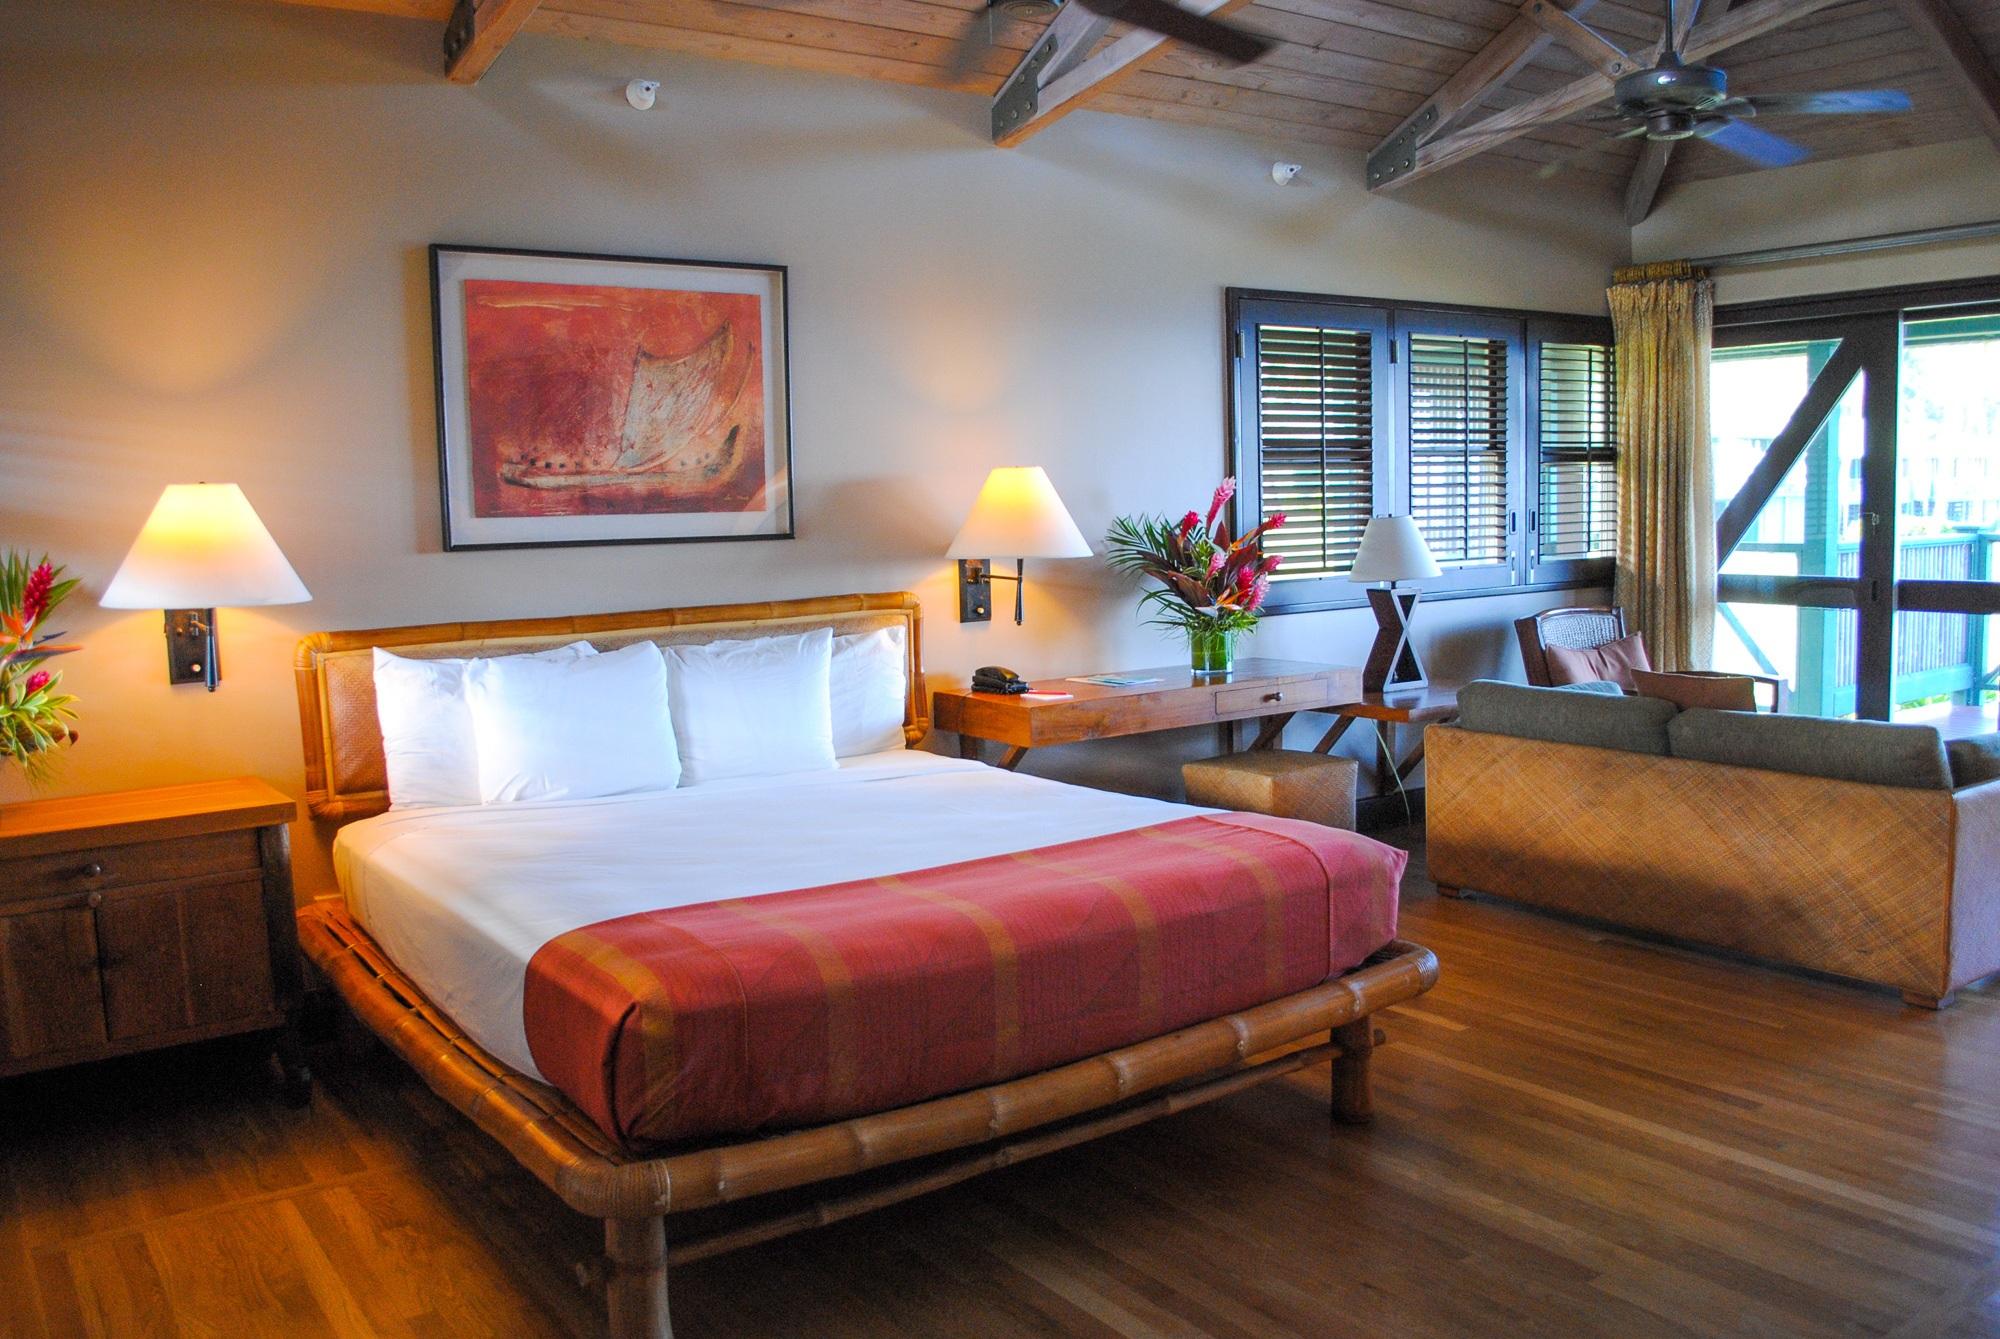 Sea Ranch cottage at Hana Maui Resort